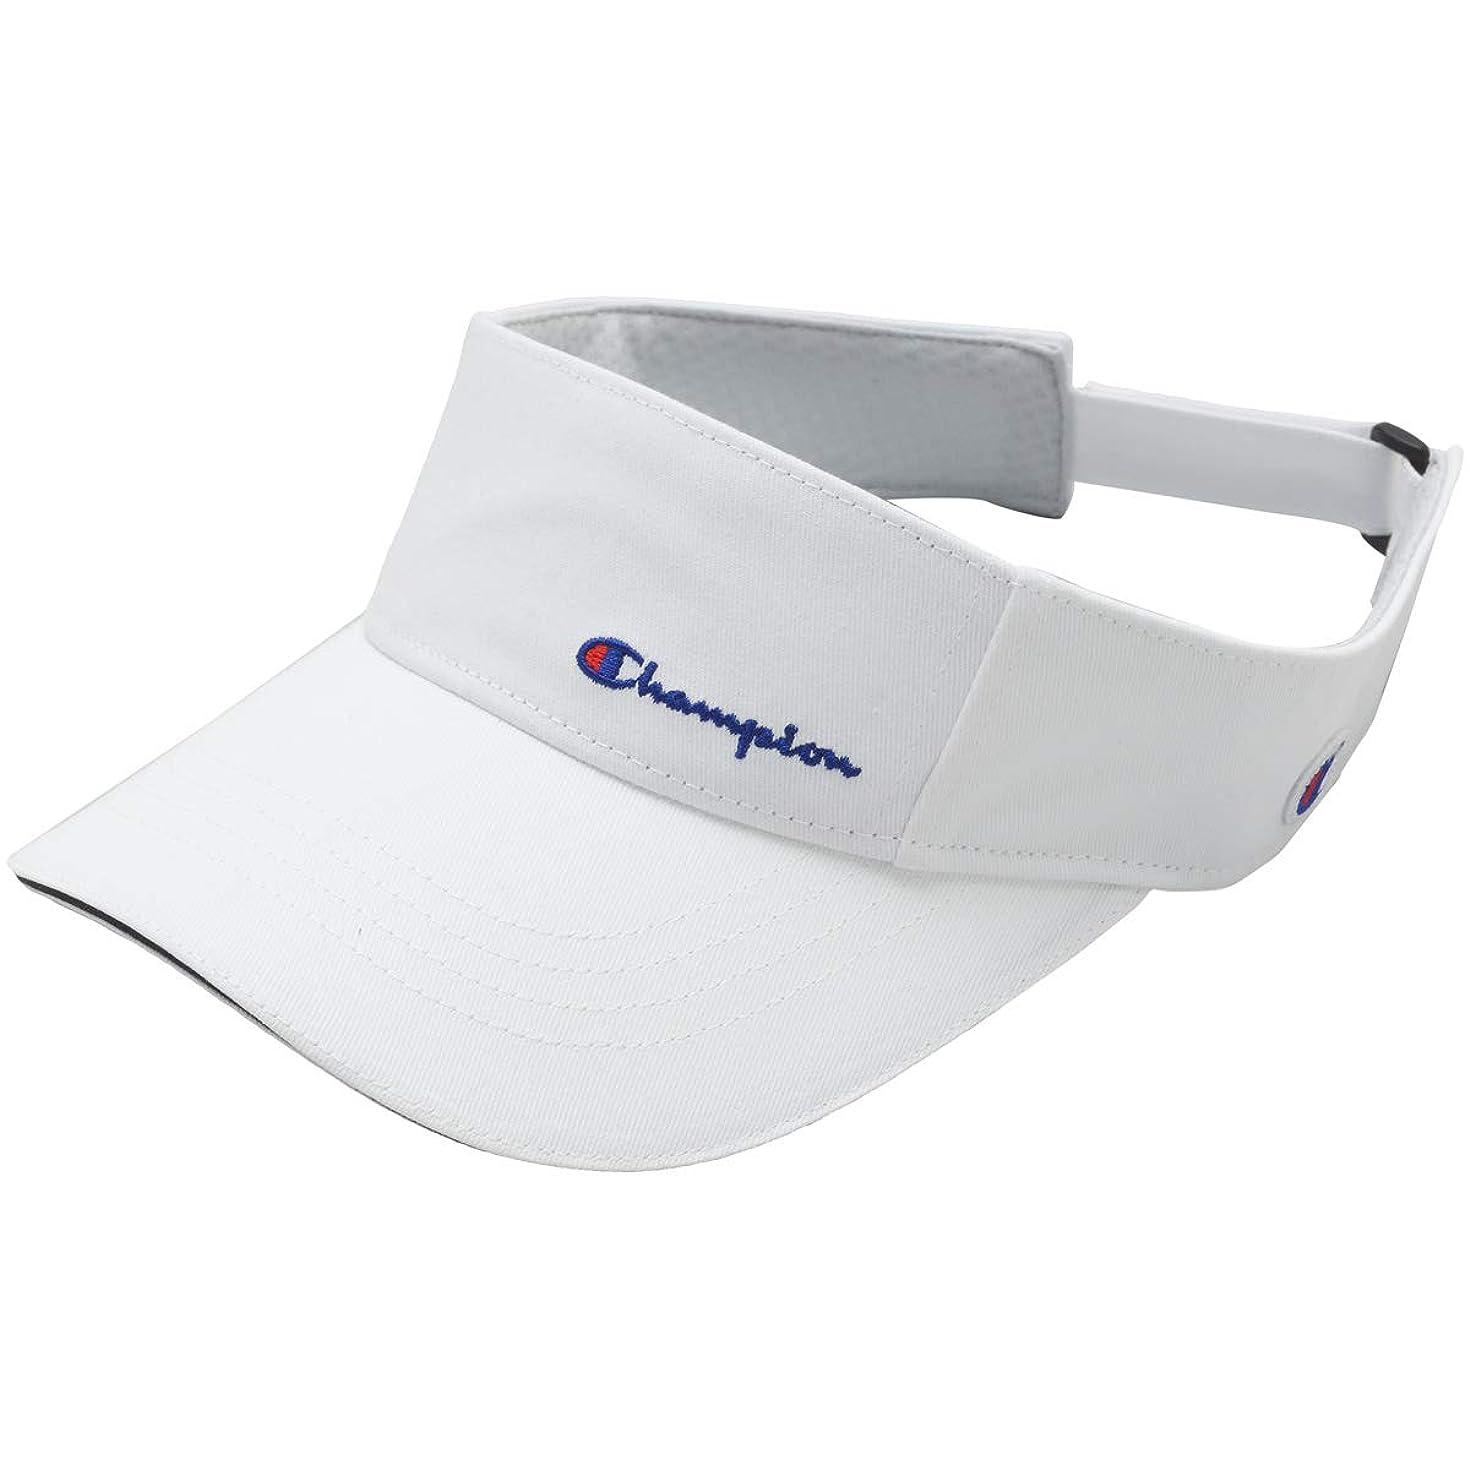 シャンパン頭蓋骨誕生日チャンピオンゴルフ Champion GOLF 帽子 コットンツイル サンバイザー